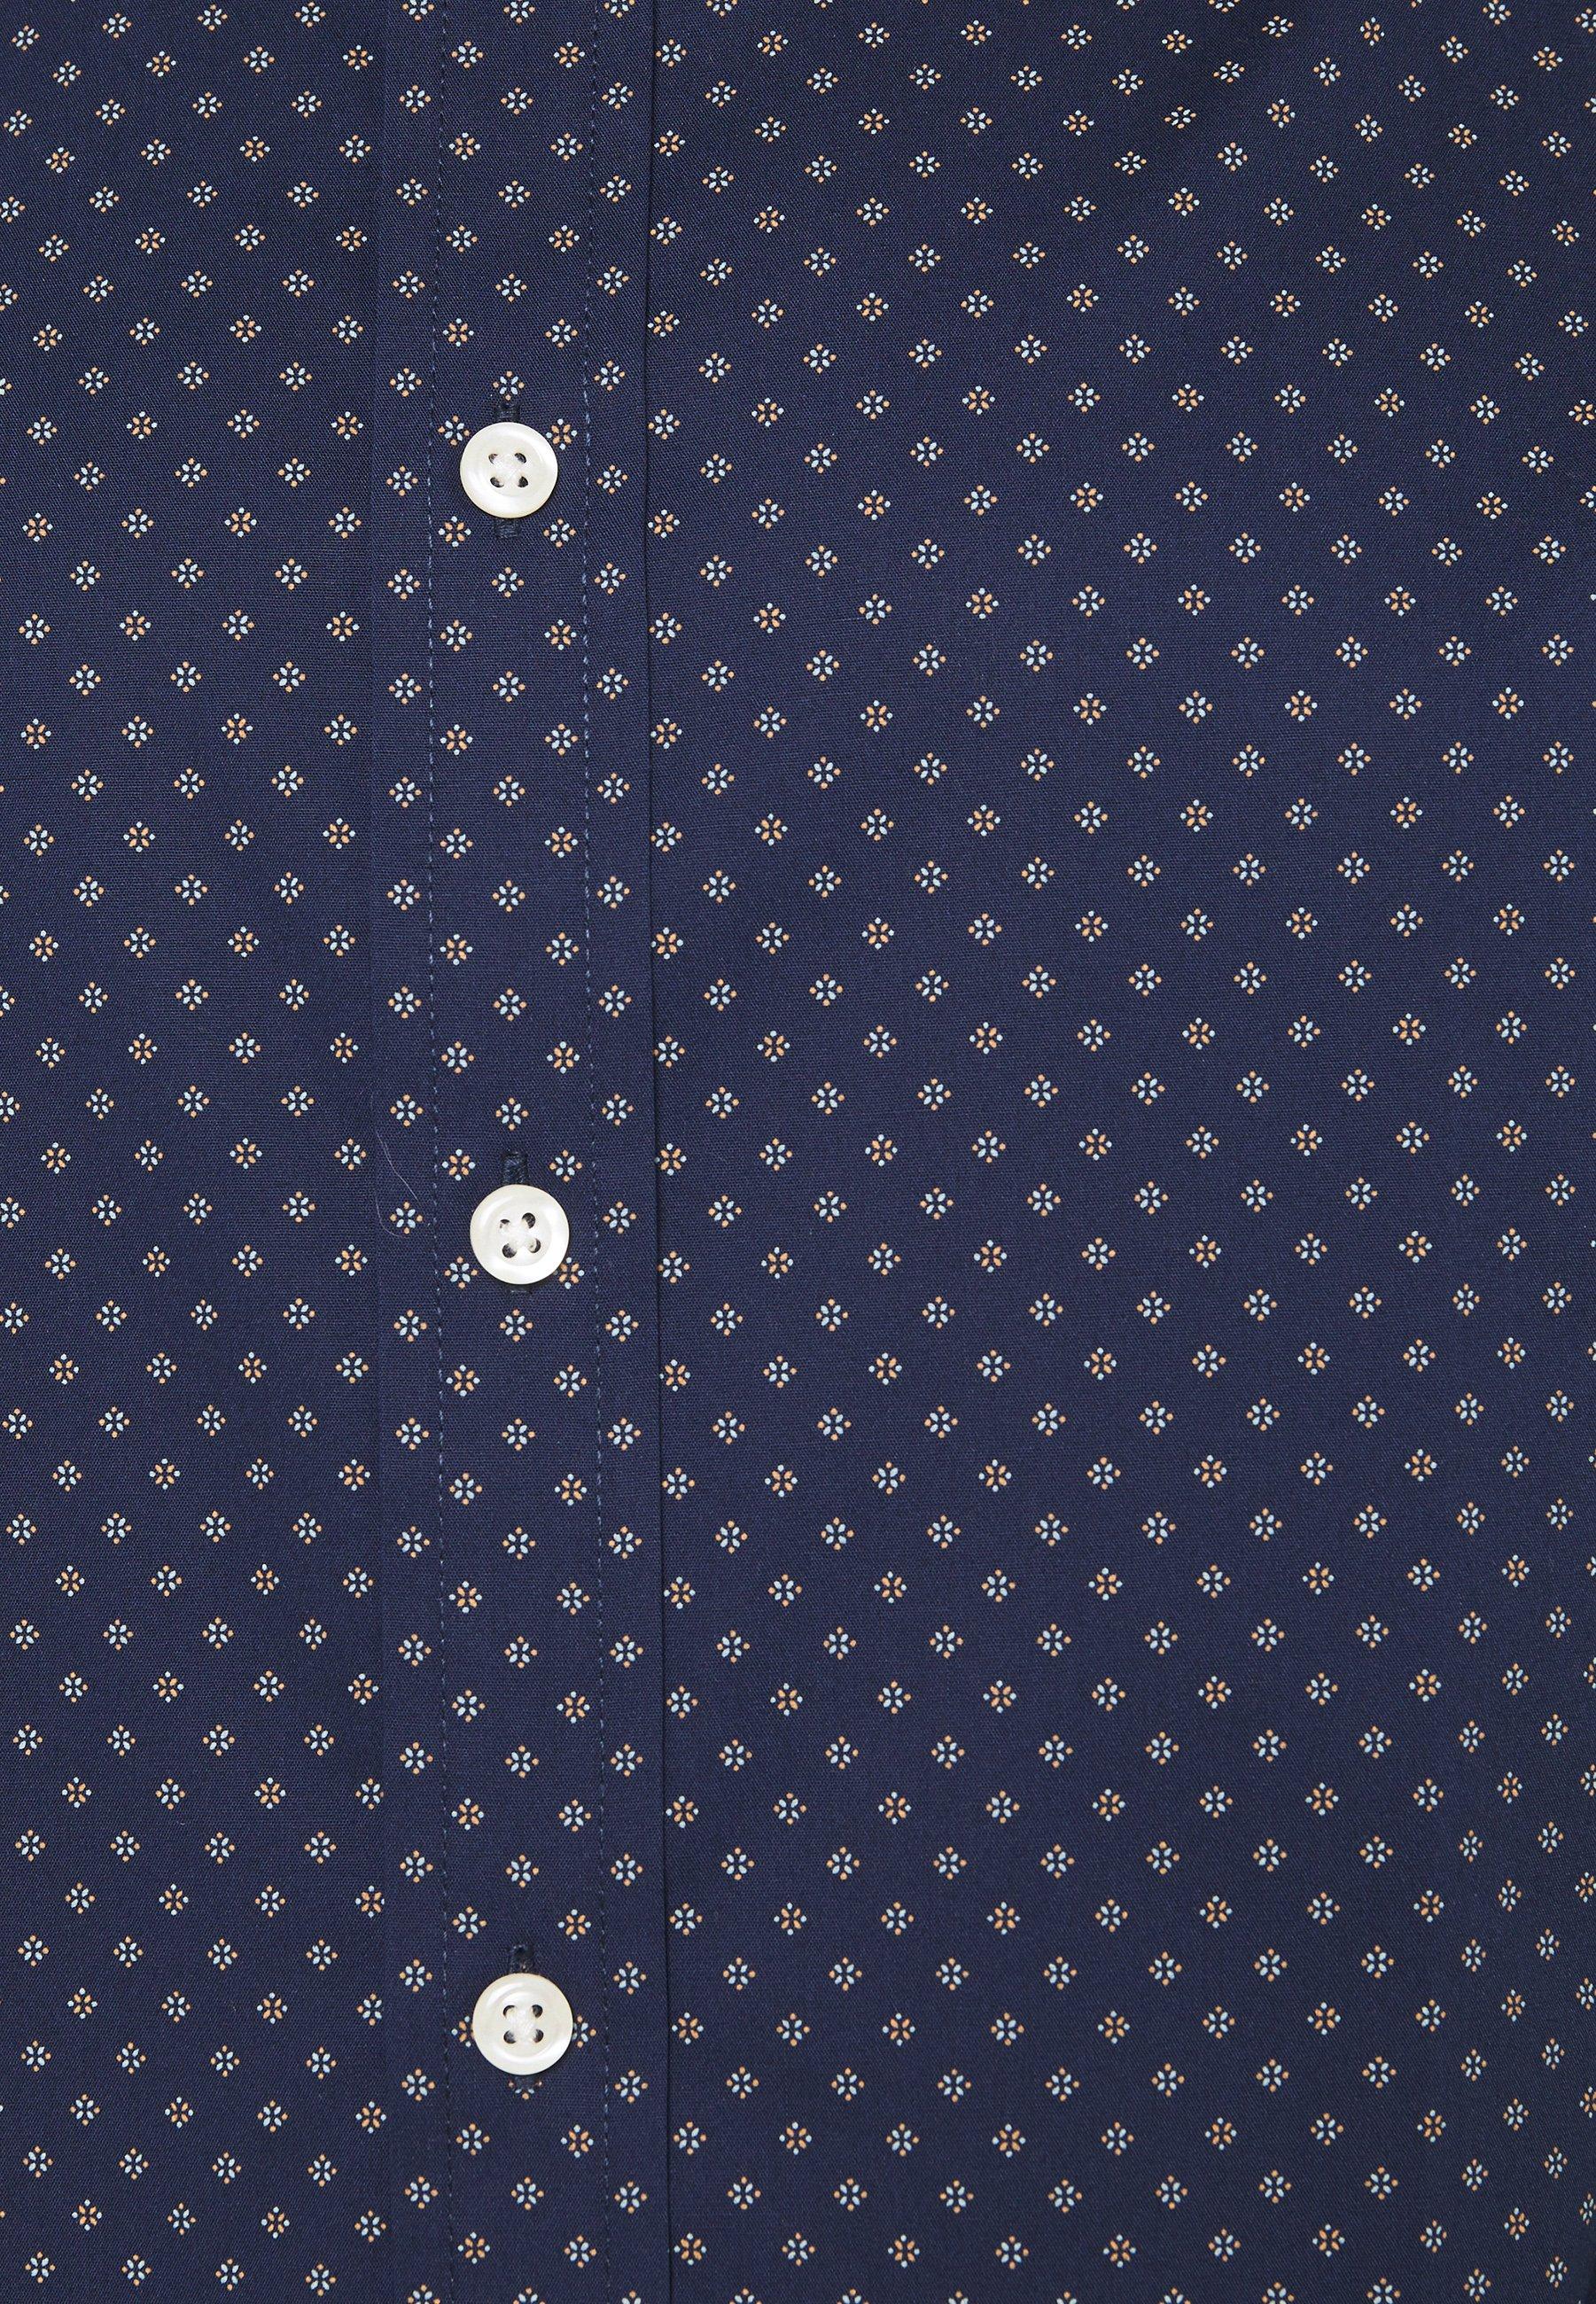 Izod Poplin Print - Skjorte Peacoat/mørkeblå